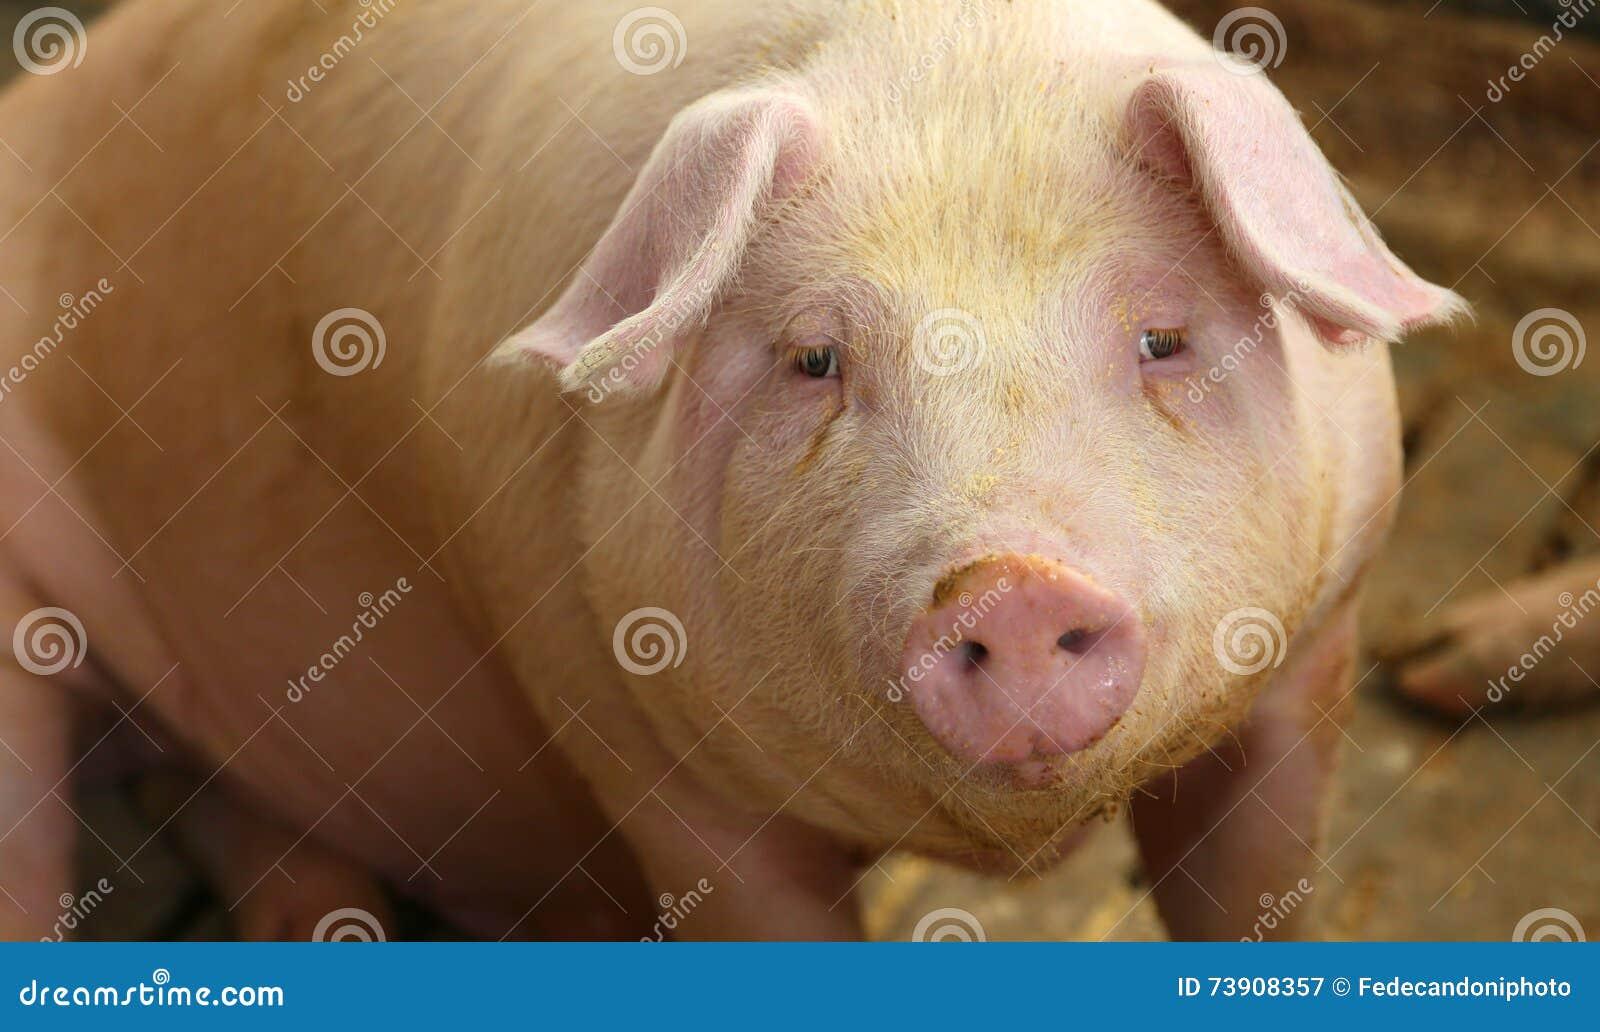 Fette Schweine in einem Schweinestall auf einem Bauernhof